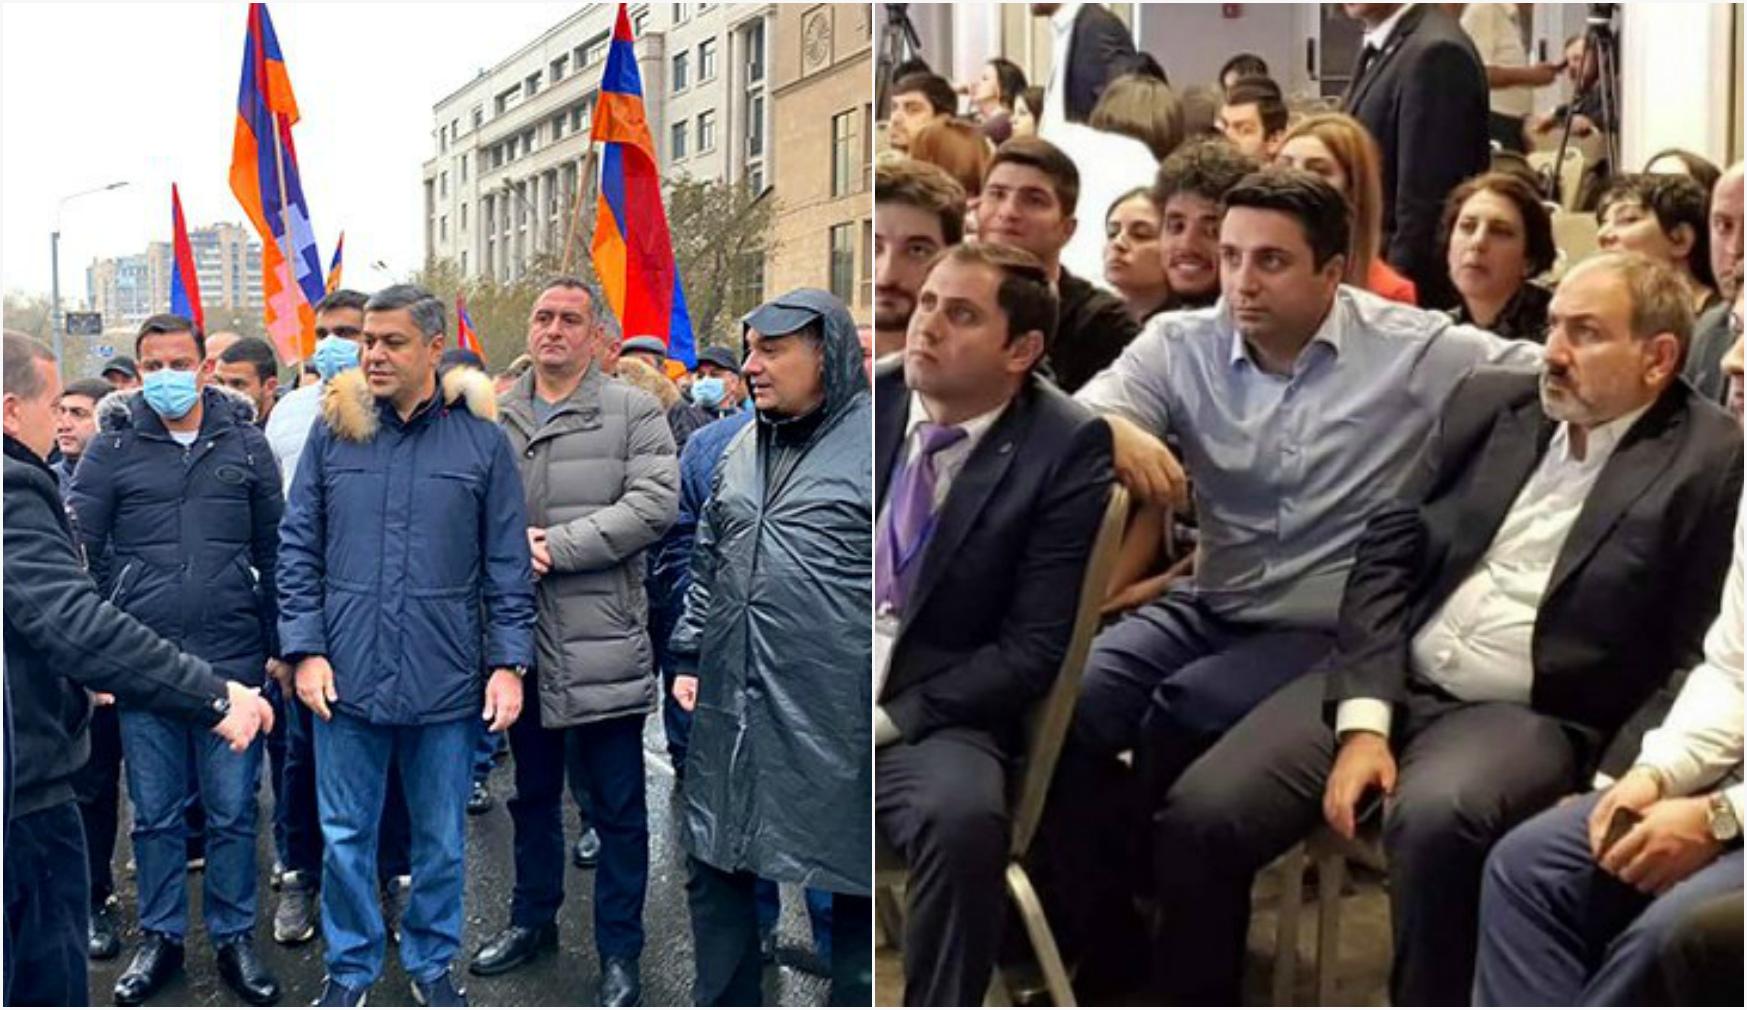 Photo of «Одинаково опасны и те, кто цепляется за власть, и оппозиция, пытающаяся отнять у них эту власть силой». Политолог